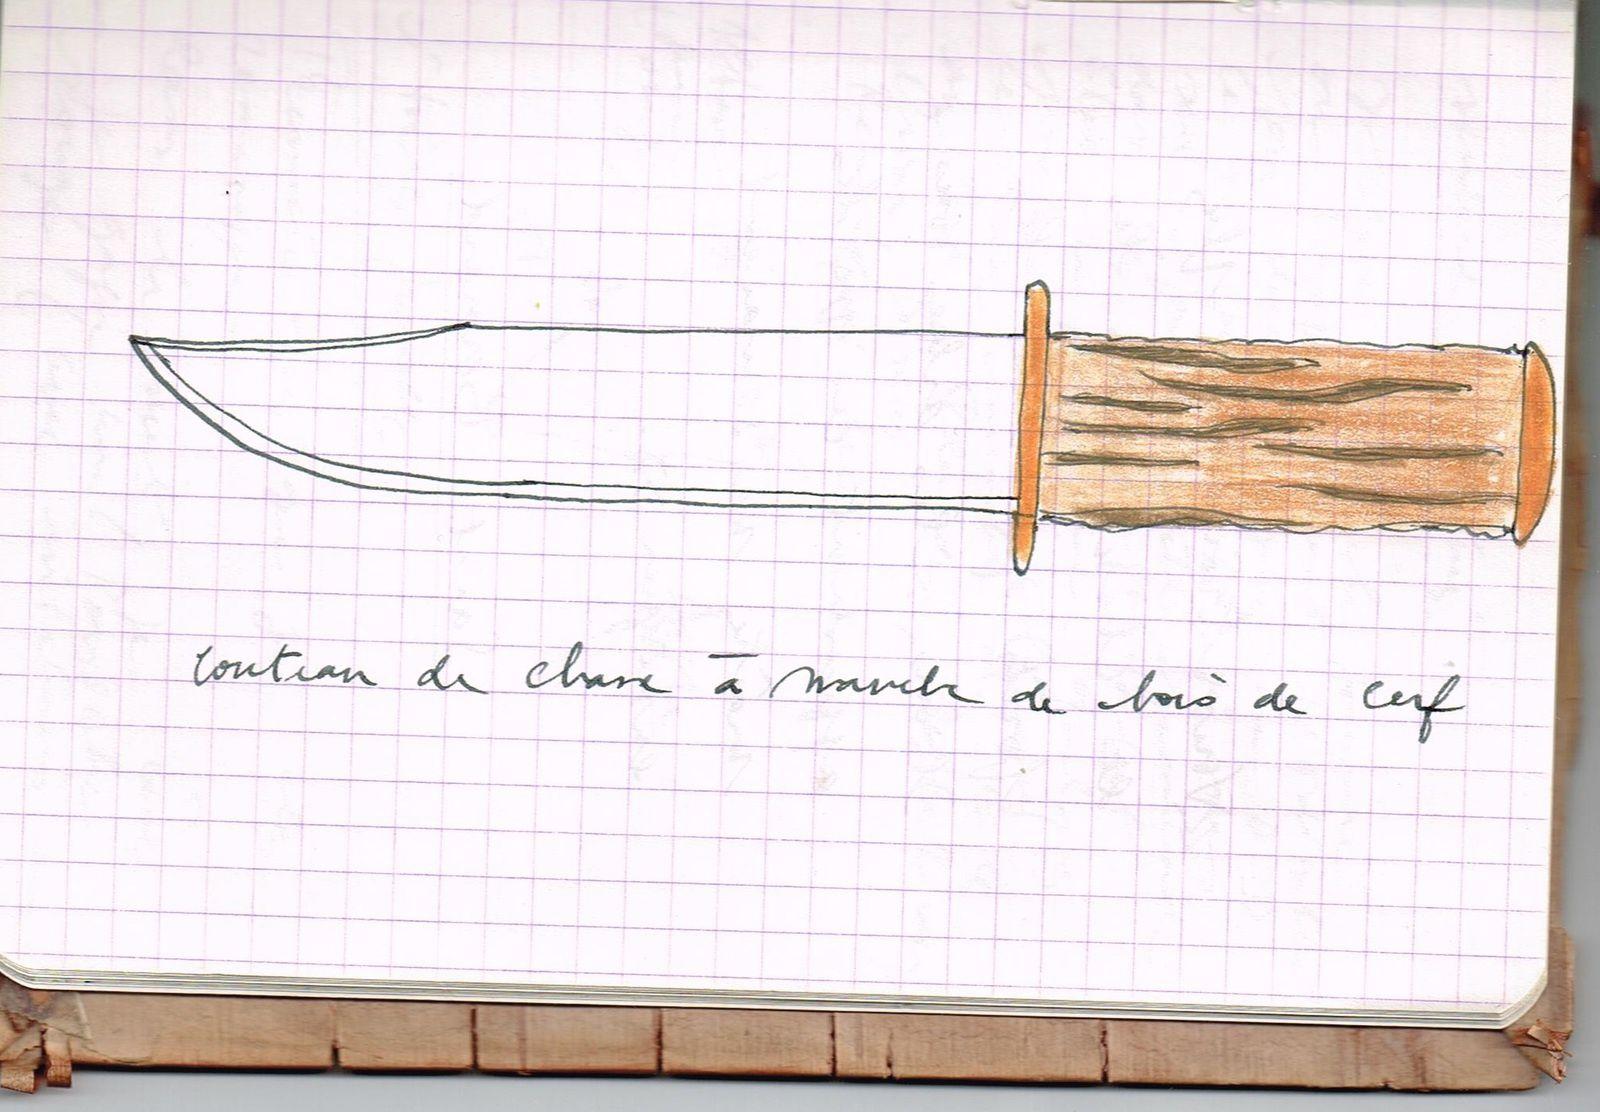 Croquis pour un couteau de chasse. P.O. Combelles, 1996.